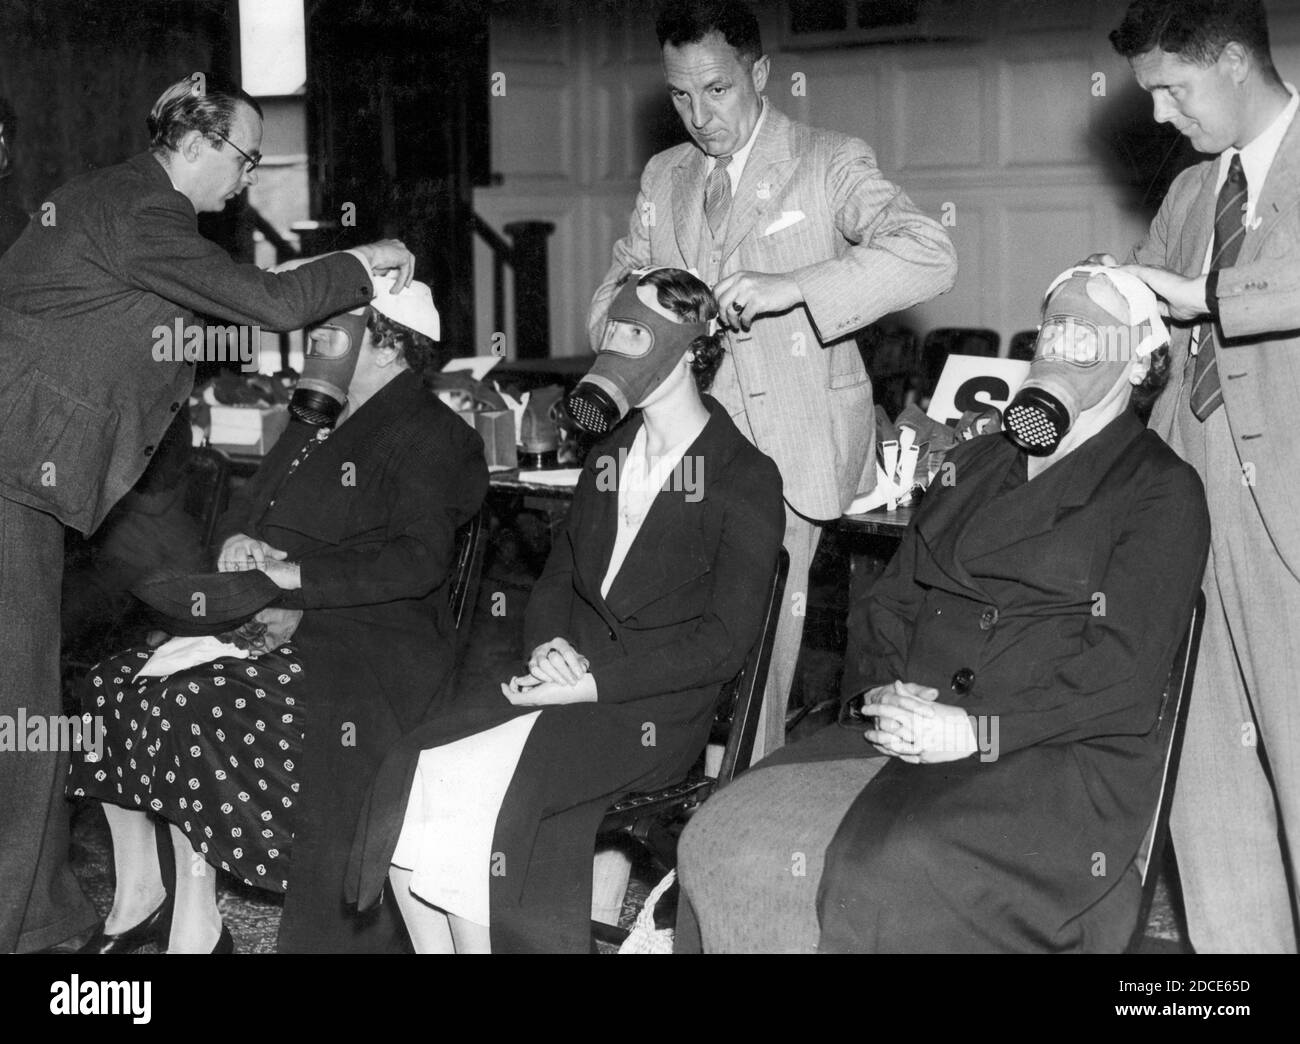 En 1939, trois femmes civiles sont installées pour leur propre masque à gaz personnel. L'Allemagne commençait à mener des actions de type guerre contre ses voisins. Vingt ans plus tôt, la première Guerre mondiale avait montré les horreurs du gaz toxique utilisé comme arme, et en Espagne des années 1930, des civils avaient subi des attaques au gaz par des avions. La Grande-Bretagne a compris qu'une attaque similaire de l'Allemagne serait dévastatrice pour sa population. À la fin de 1939, chaque homme, chaque femme et chaque enfant de Grande-Bretagne se faisait délivrer un masque à gaz. Pour voir mes autres images WW II, recherchez: Prestor vintage WW II Banque D'Images